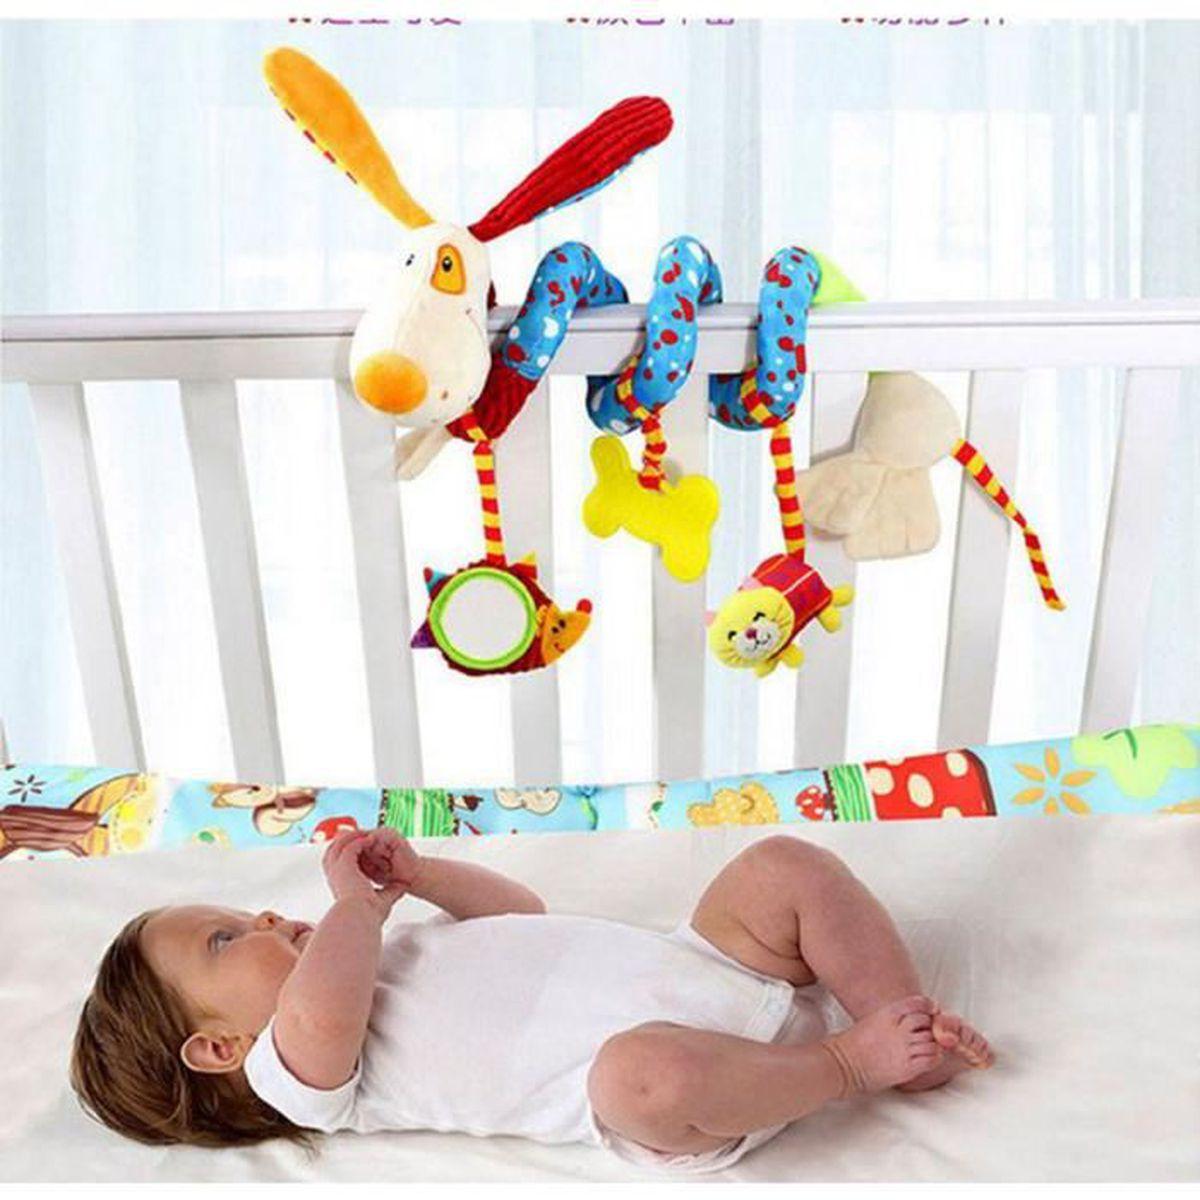 spirale d 39 activit s b b jouet spiraloo chien bleu bleu. Black Bedroom Furniture Sets. Home Design Ideas